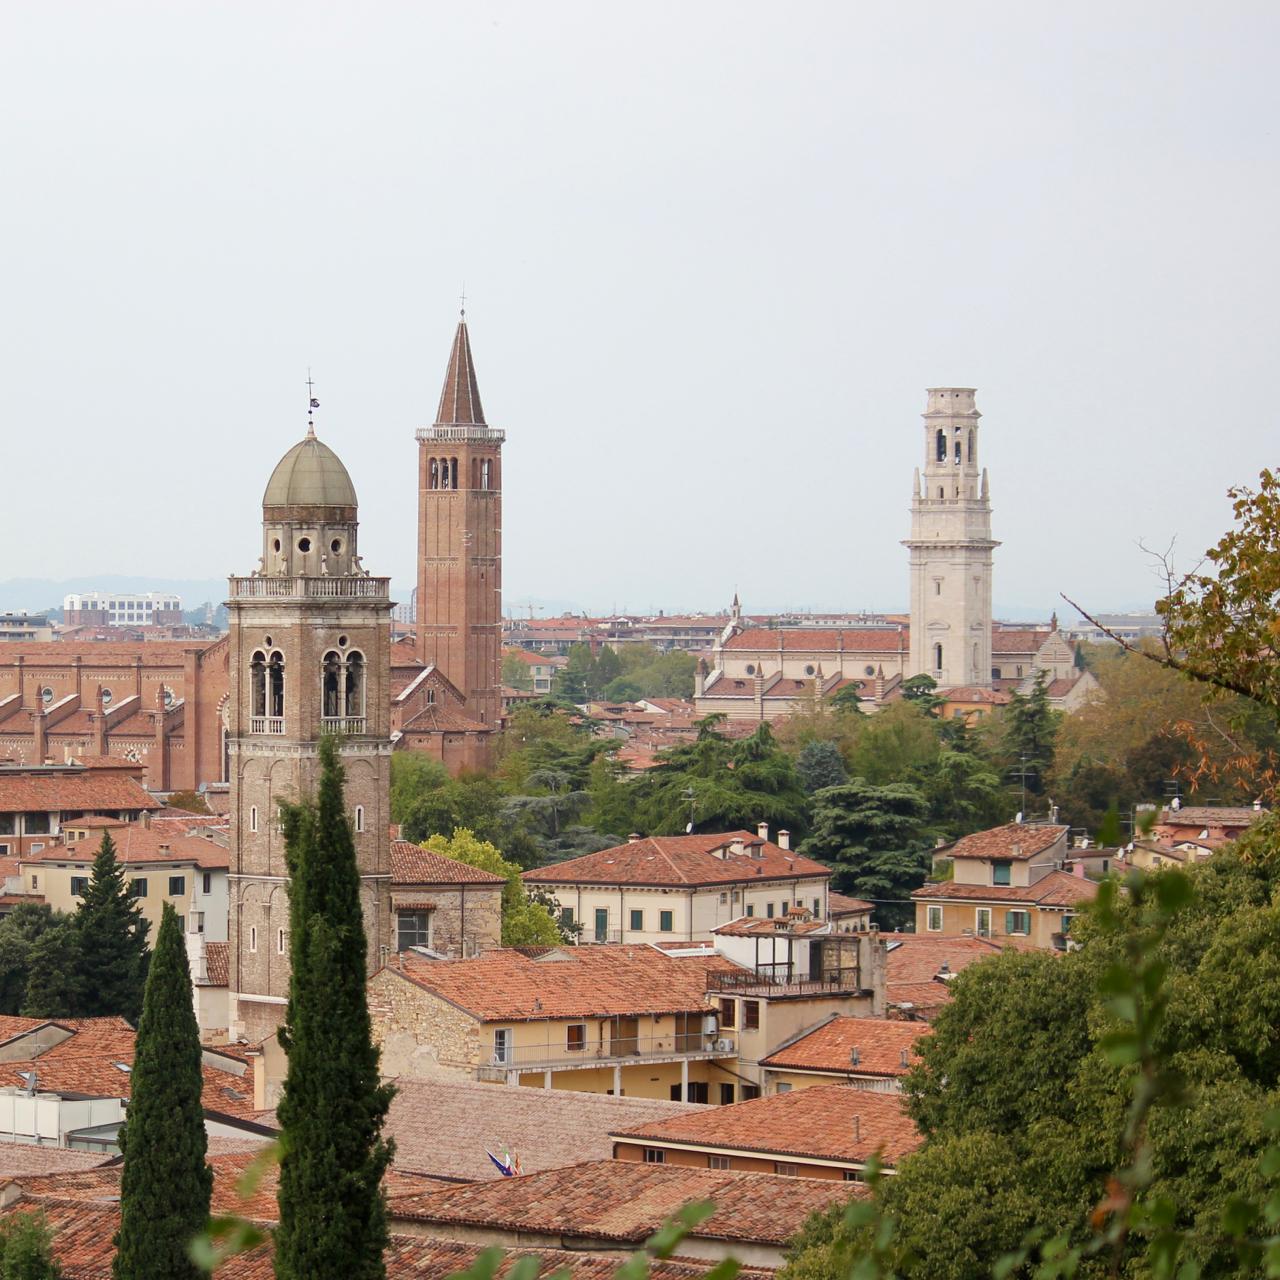 Verona, Italy - 11